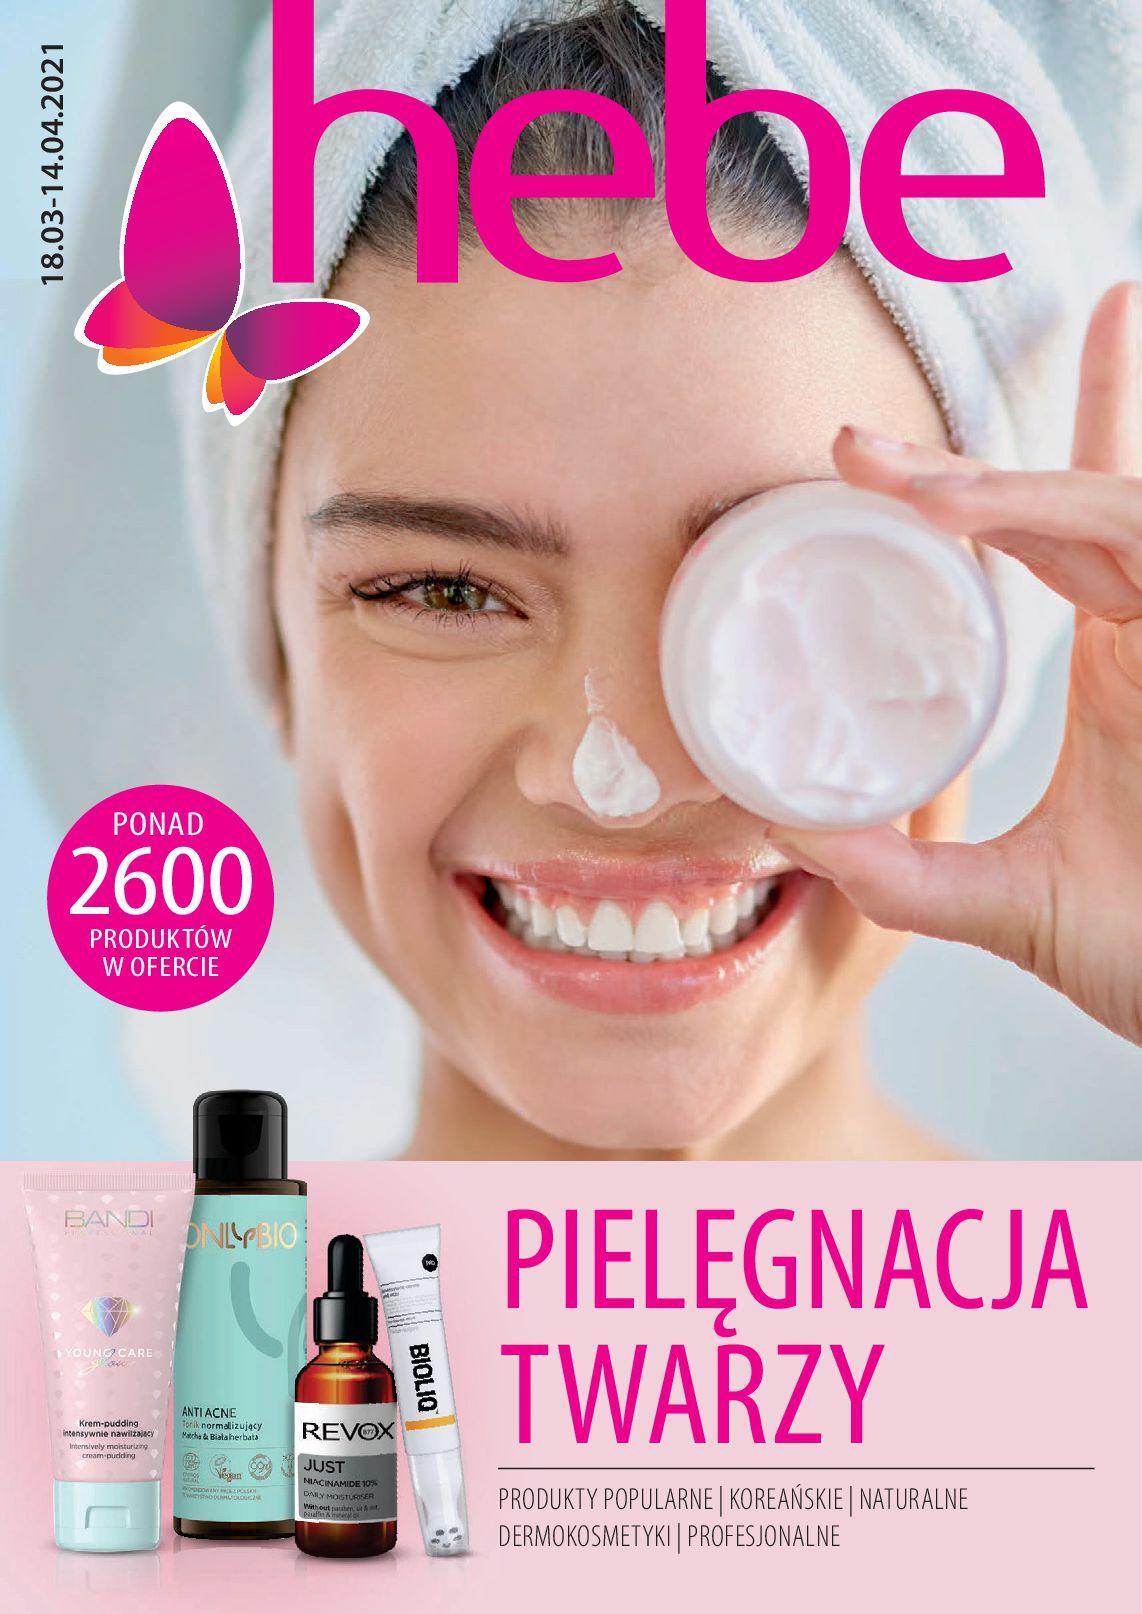 hebe:  Katalog - Face care 17.03.2021